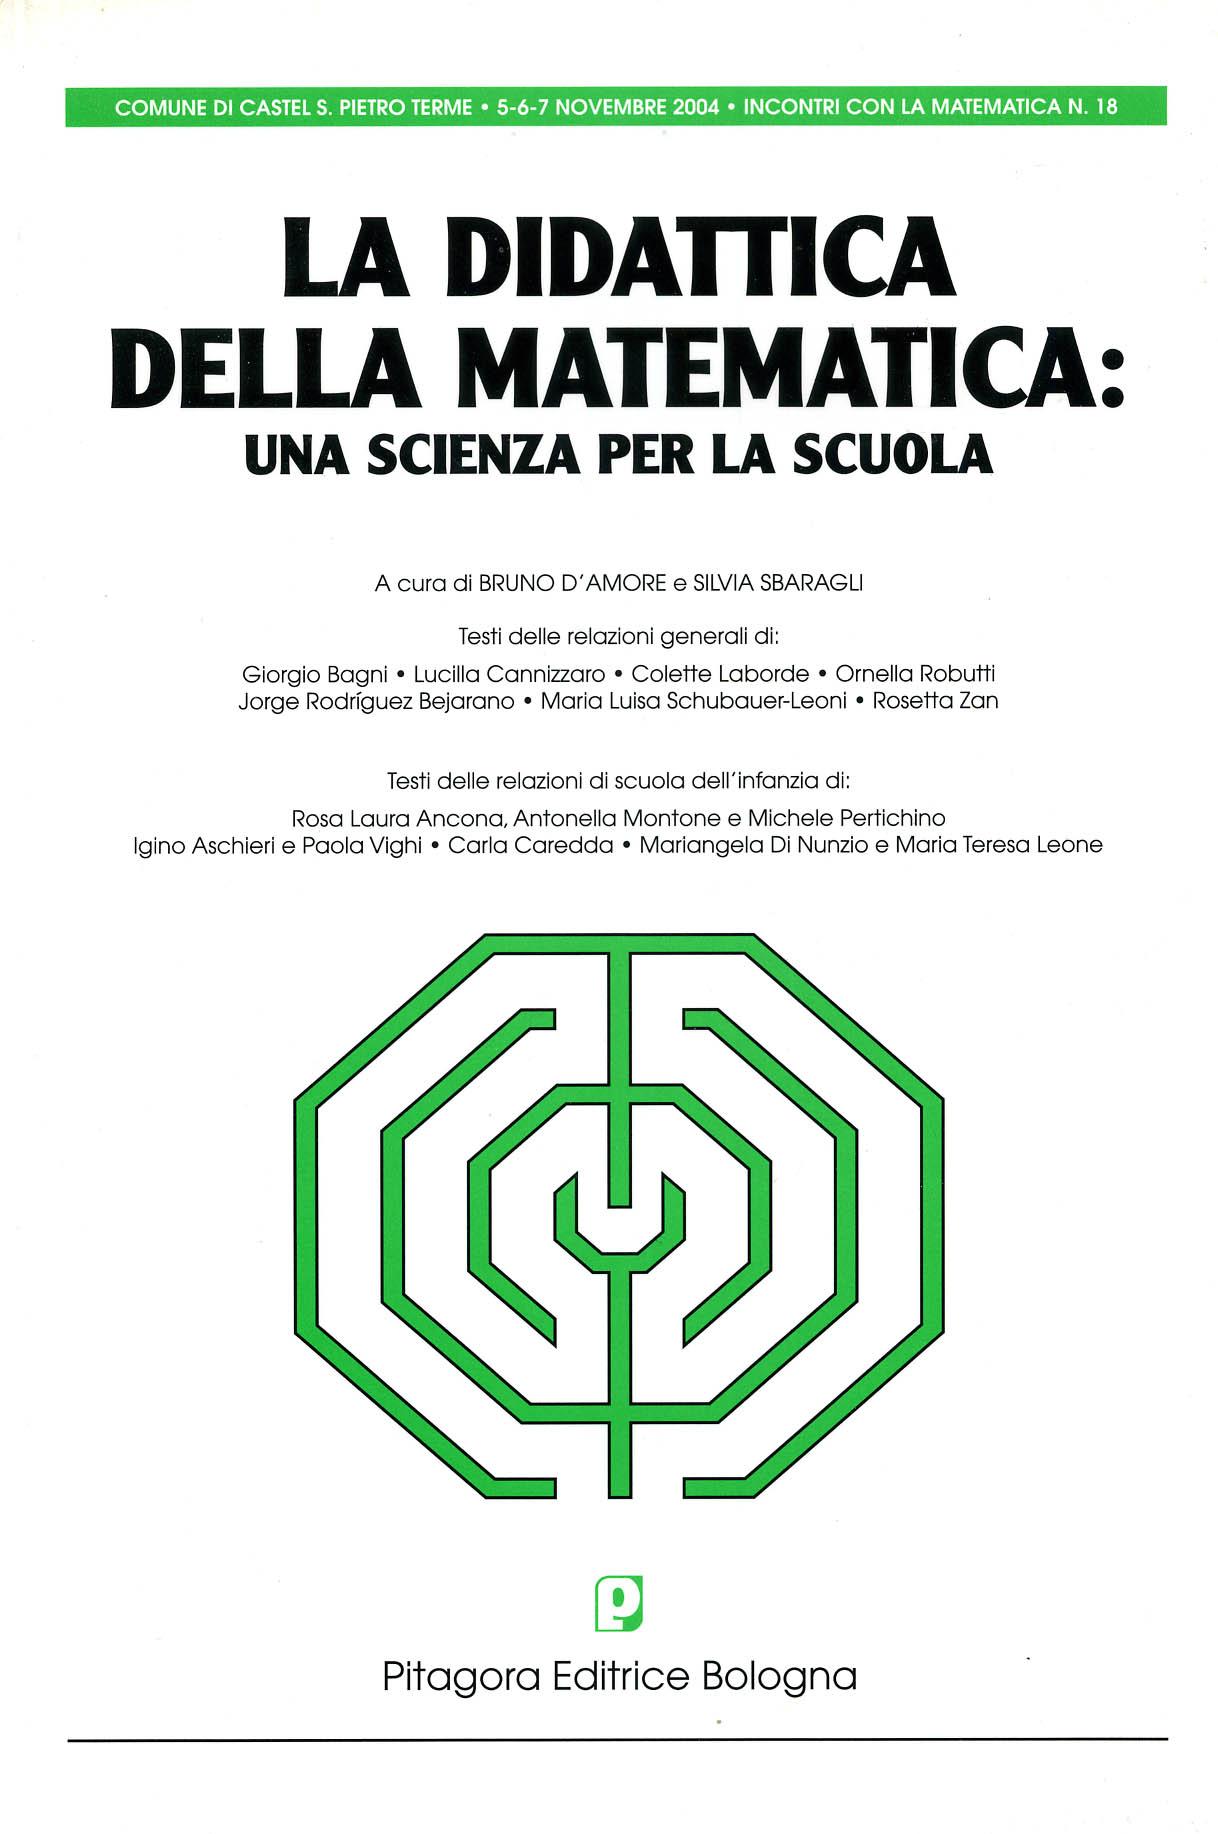 La didattica della matematica: una scienza per la scuola